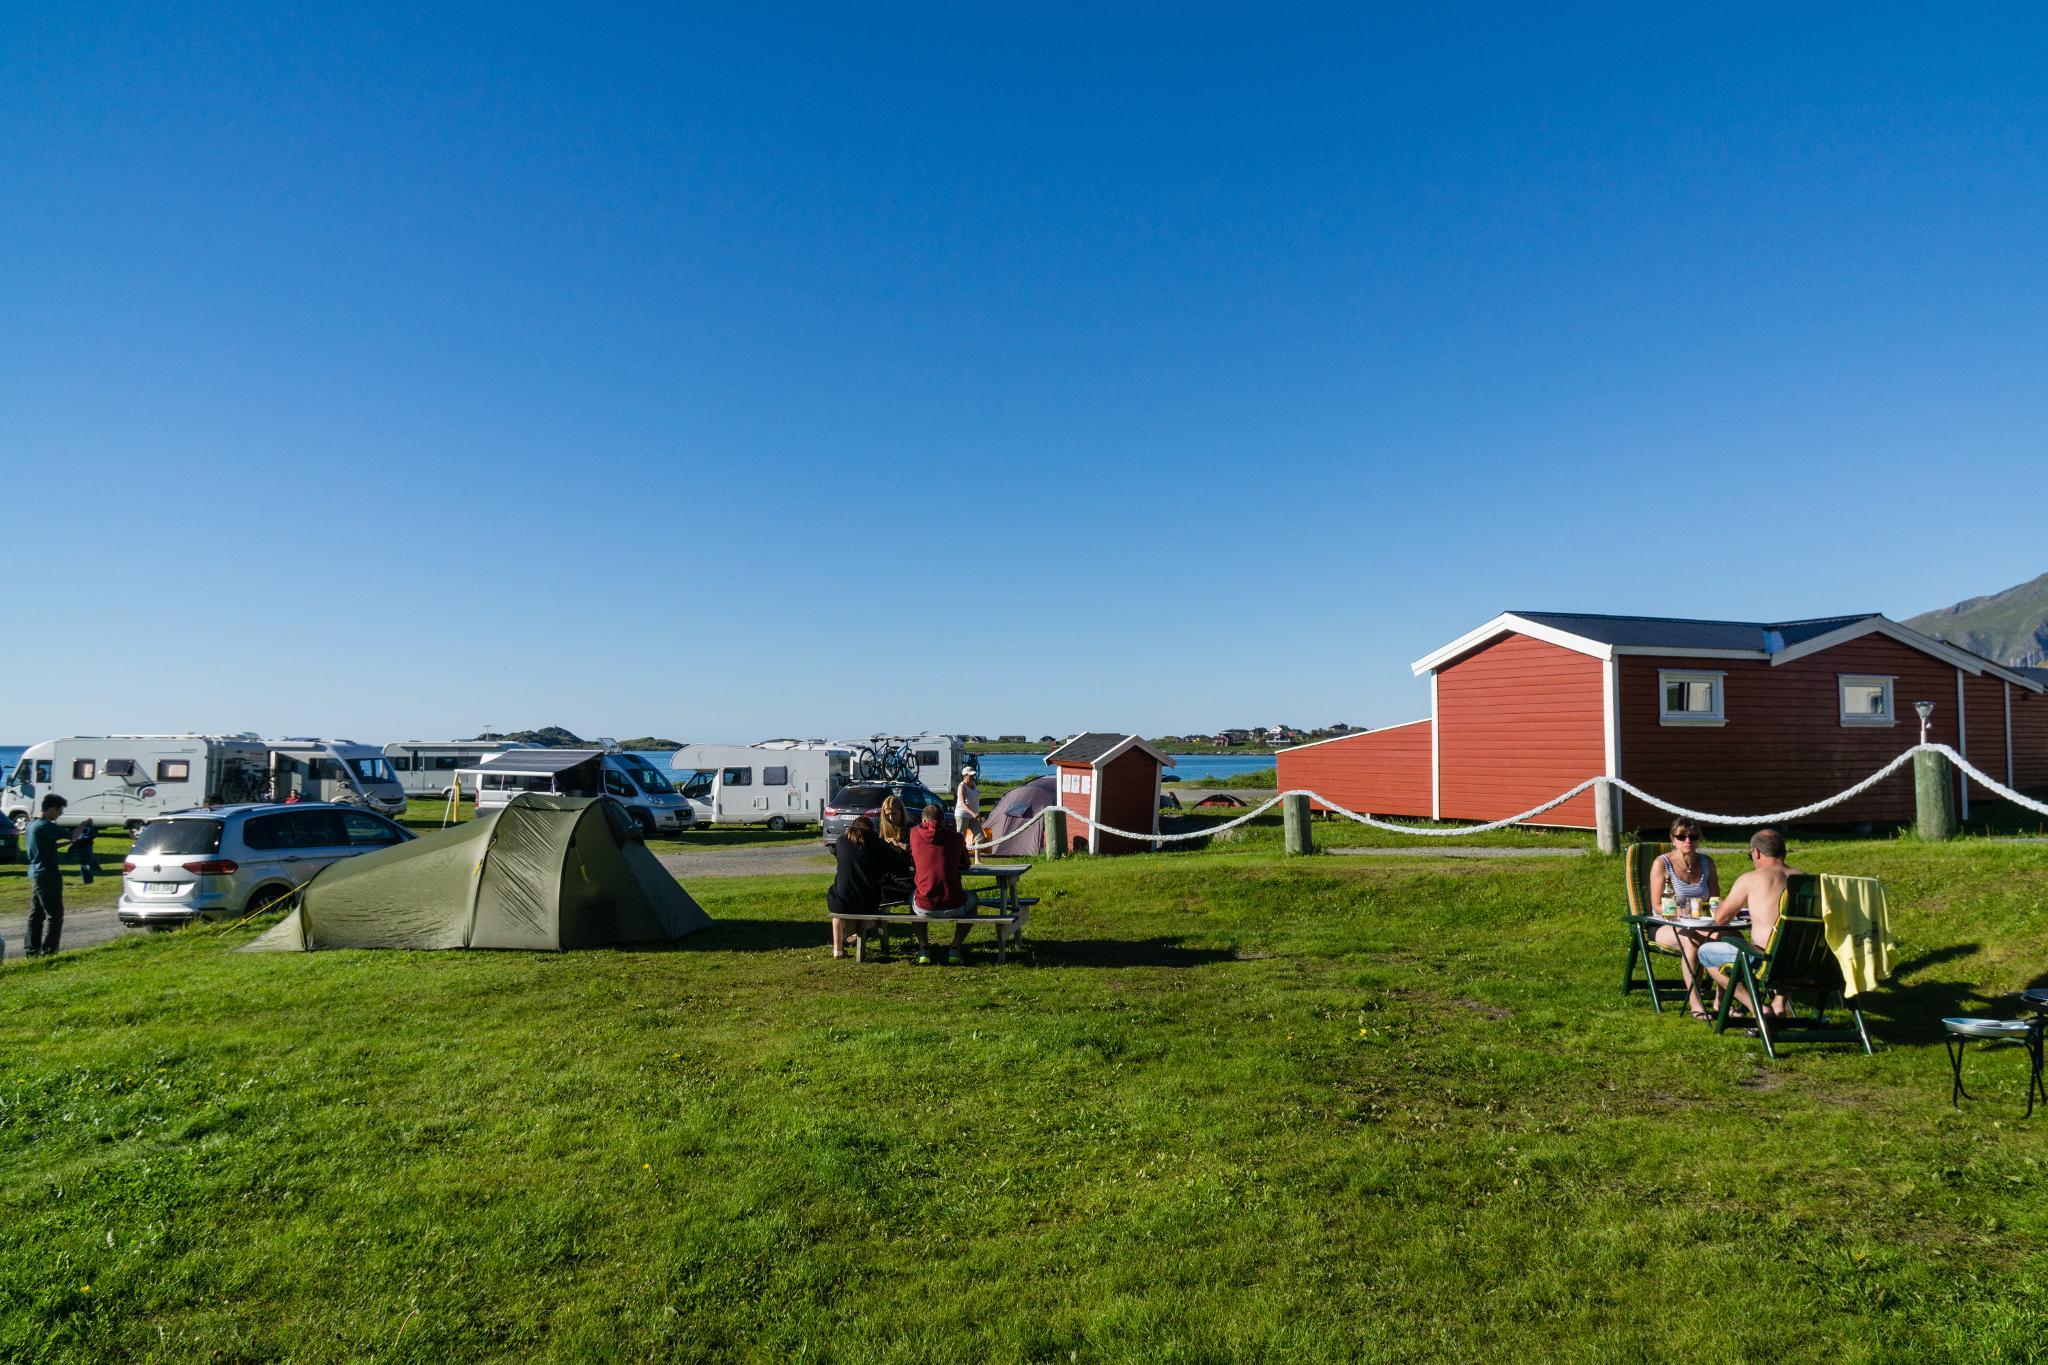 【北歐露營】推薦羅弗敦群島露營地 - Ramberg Camping 5